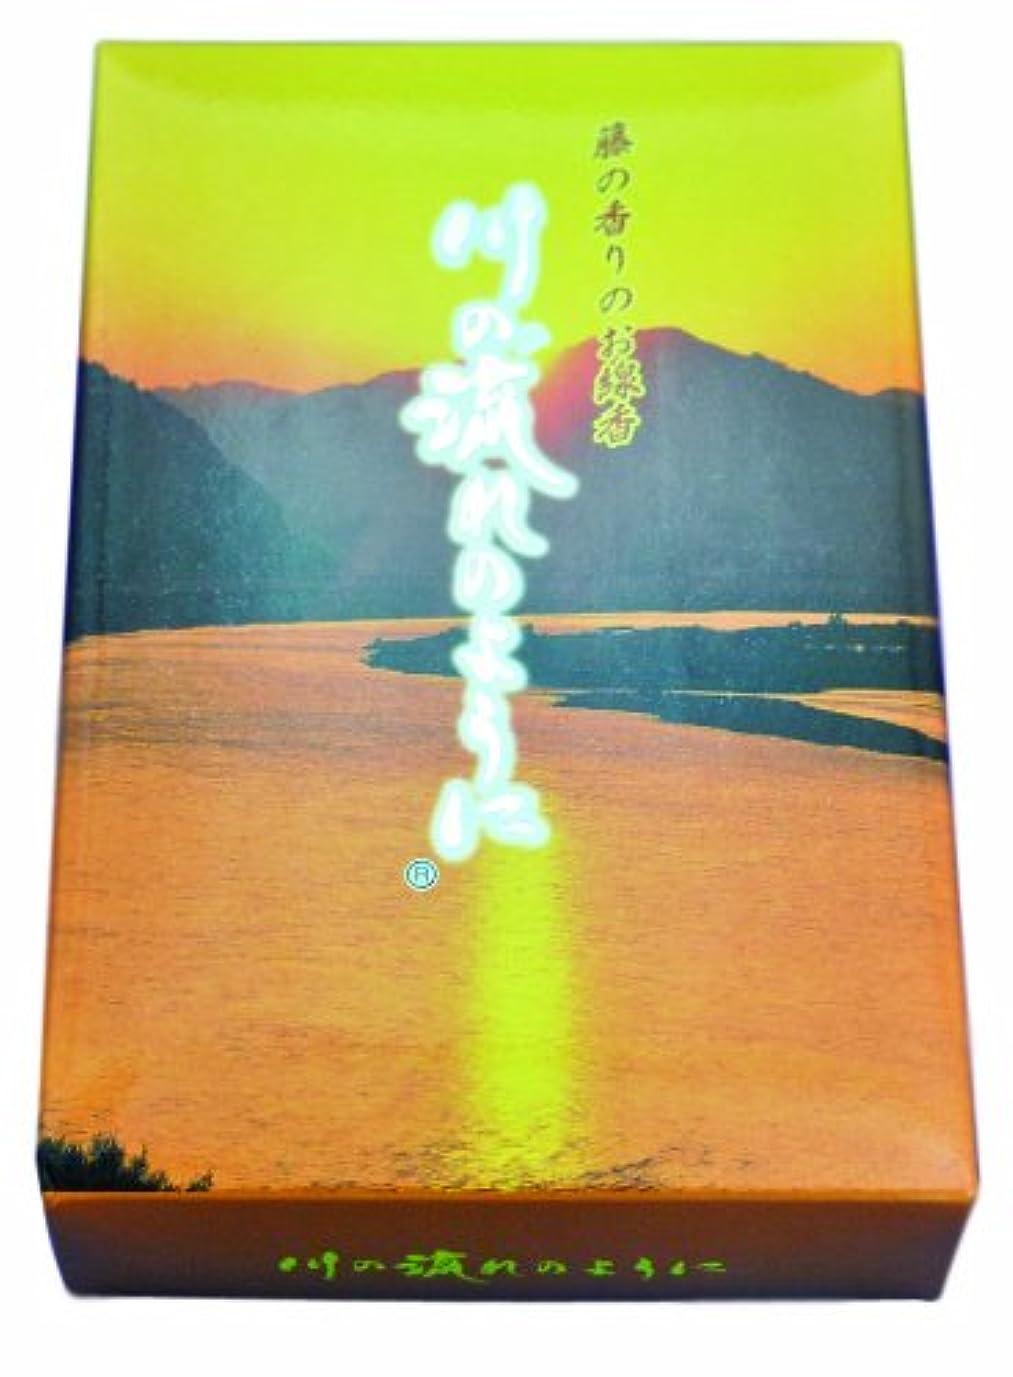 混乱したアウトドア七面鳥お線香 川の流れのように藤の香り 約140g 煙少タイプ